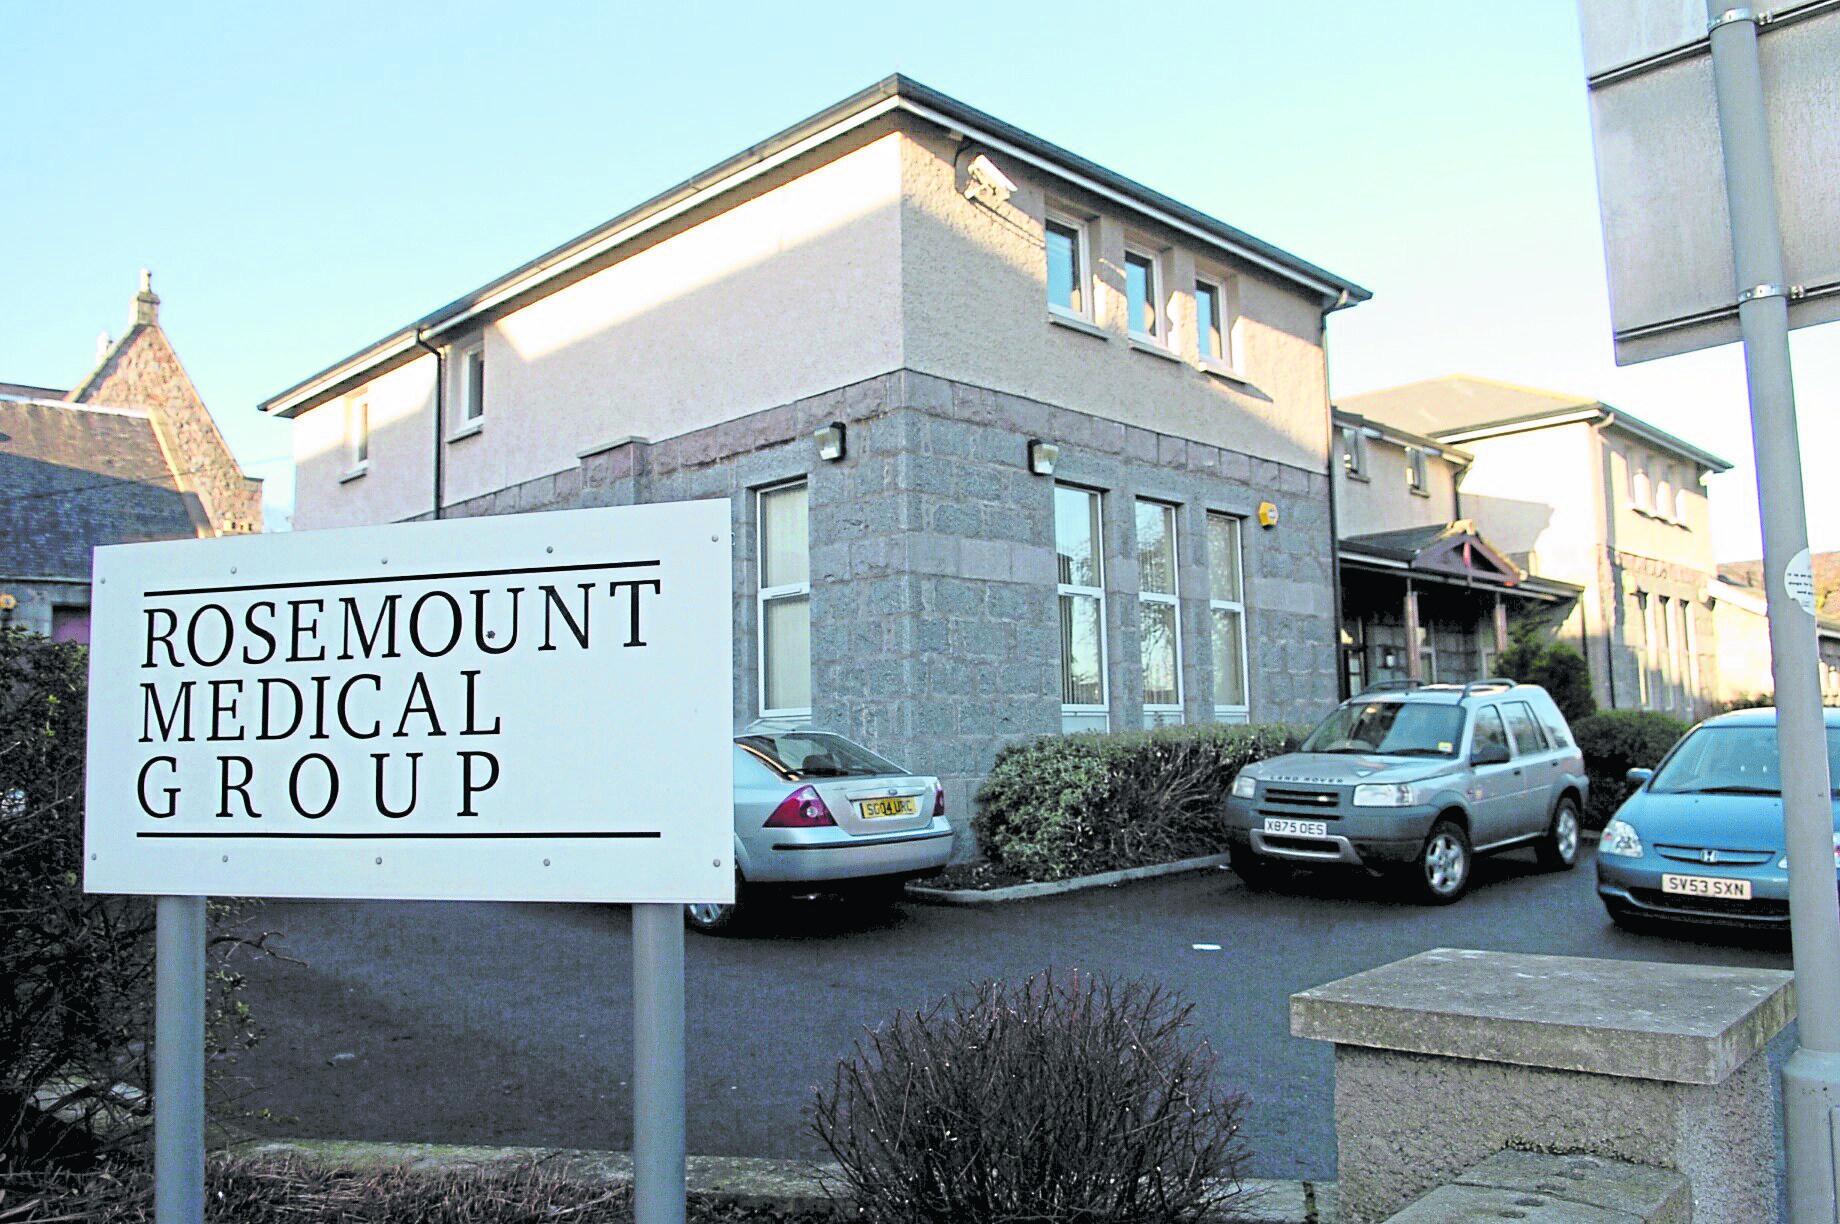 Rosemount Medical Group.